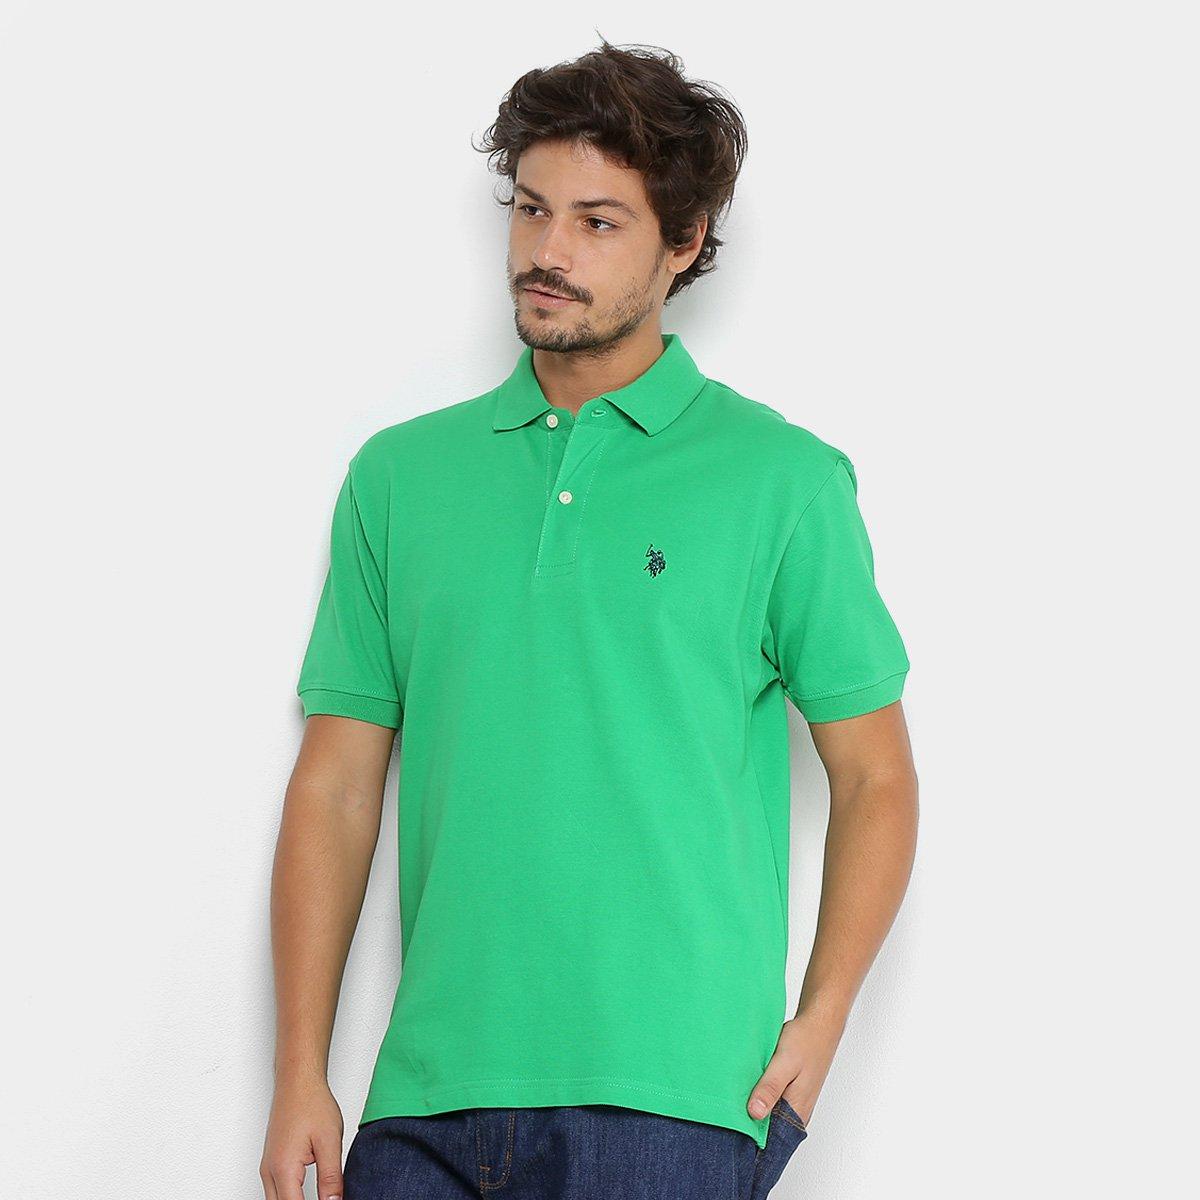 Camisa Polo U.S. Polo Assn Piquet Bordado Masculina a6b80a89685ec